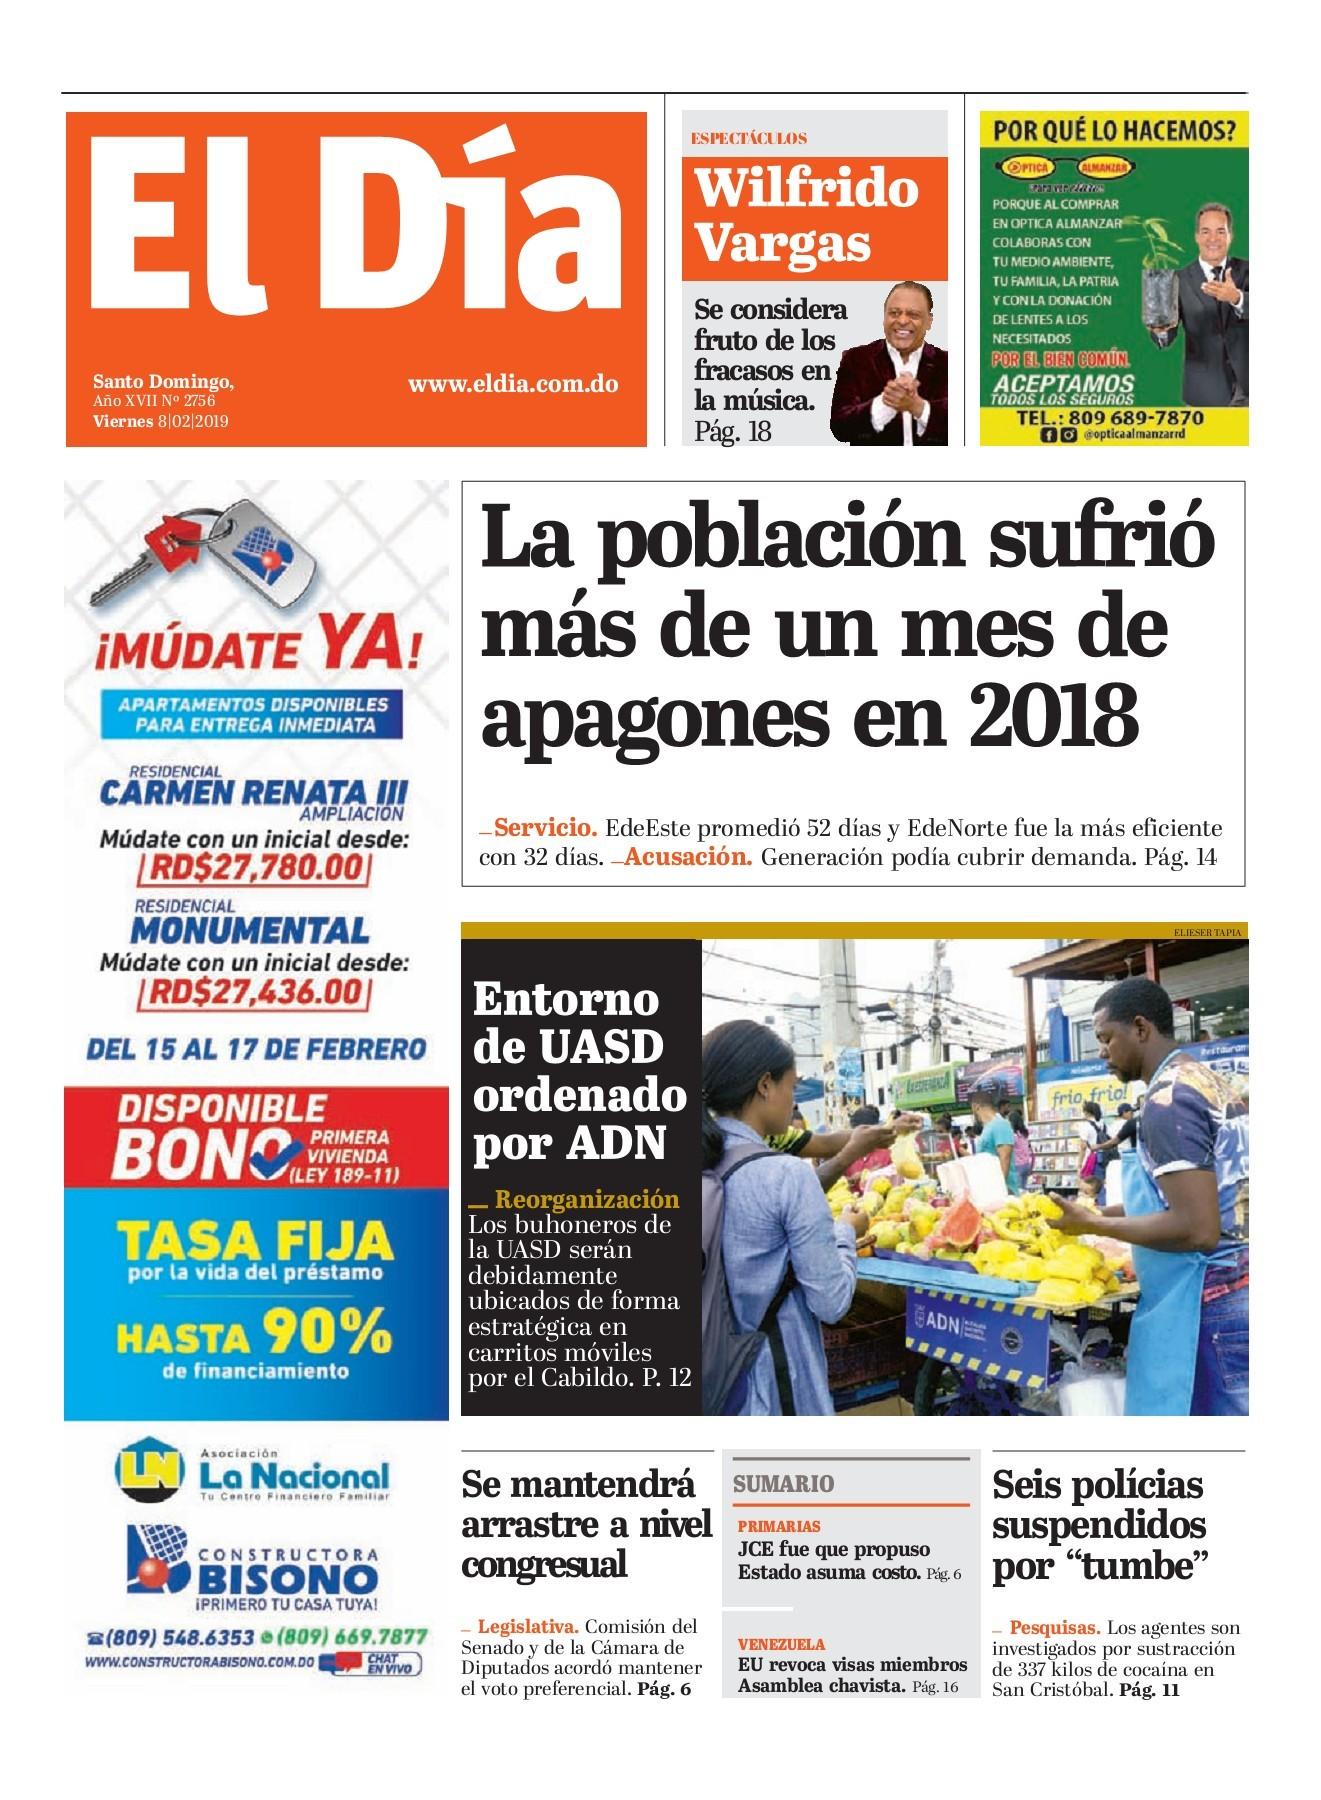 Portada Periódico El Día, Viernes 08 de Febrero 2019